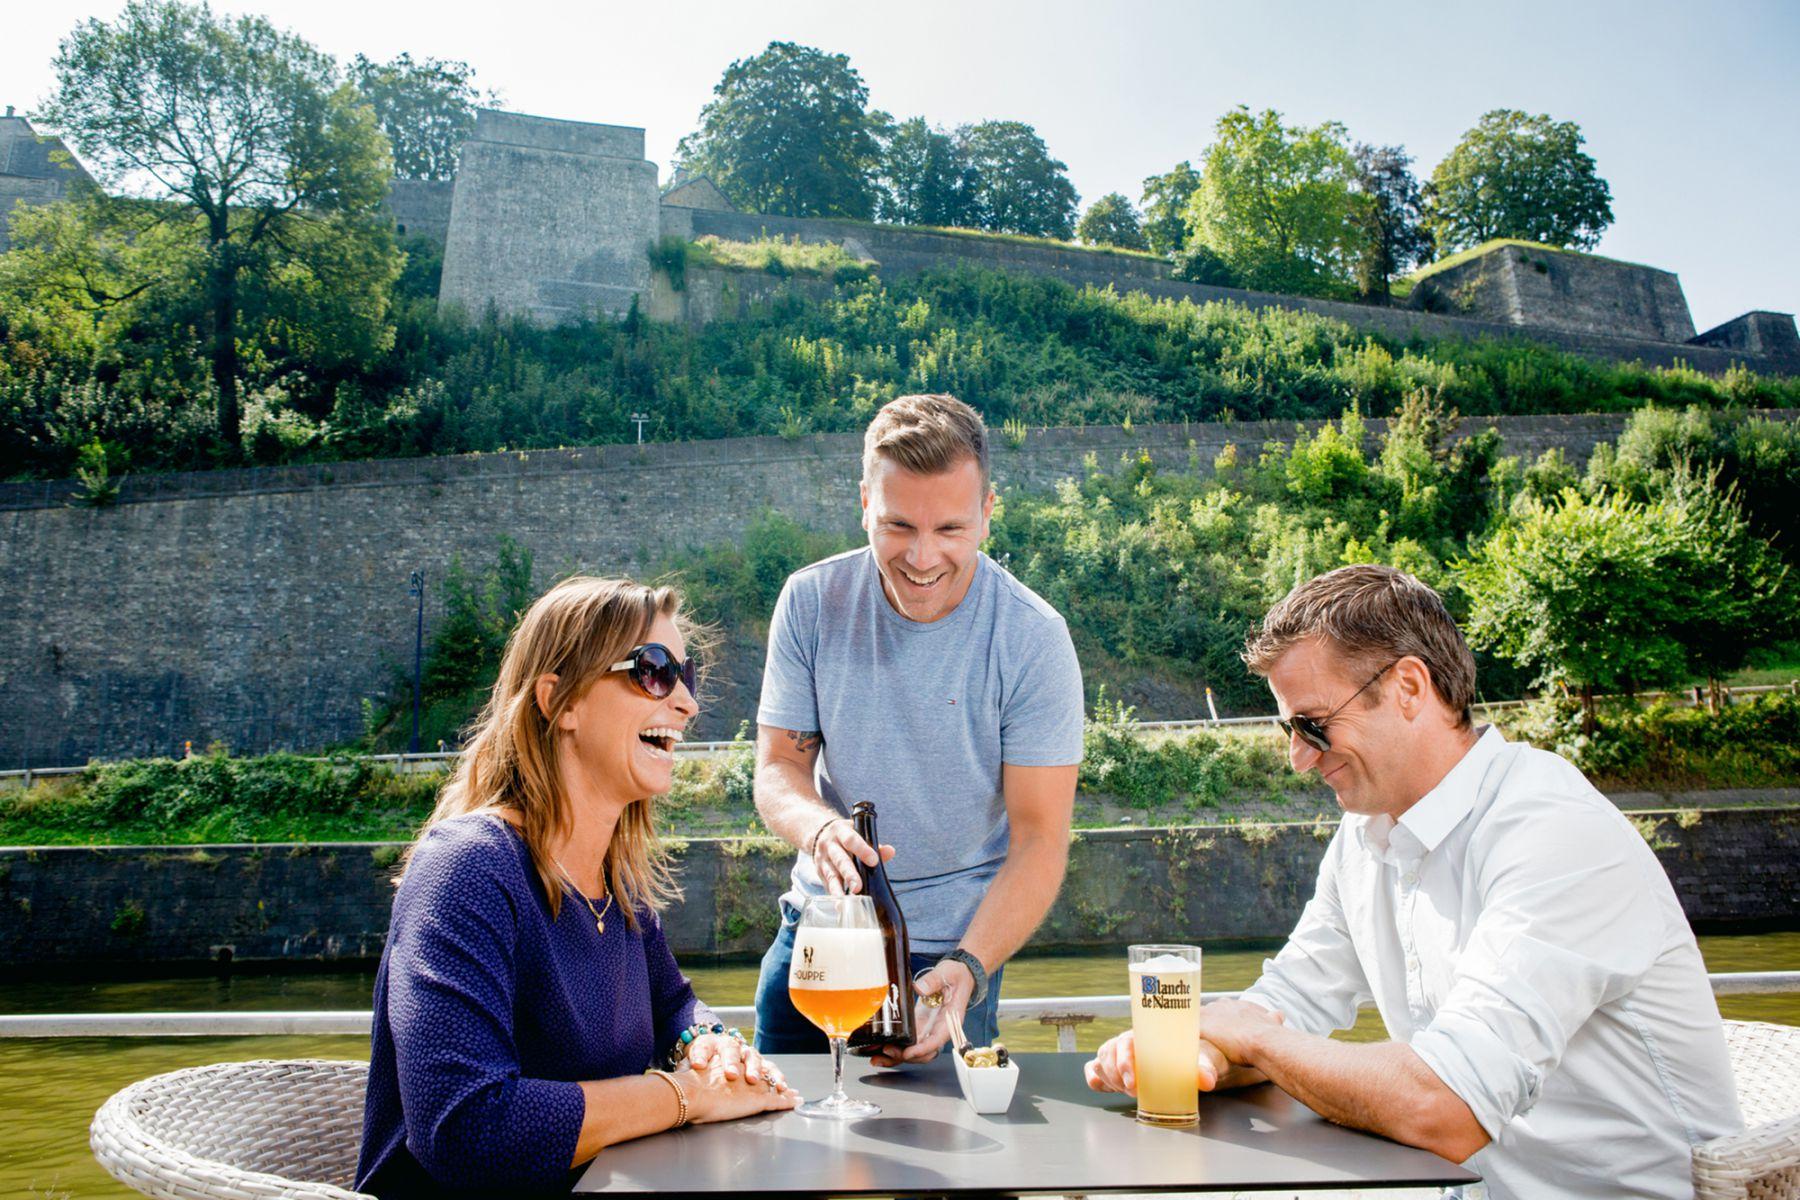 drie blije mensen die genieten van een biertje in Namen | credit: WBT - Denis Erroyaux